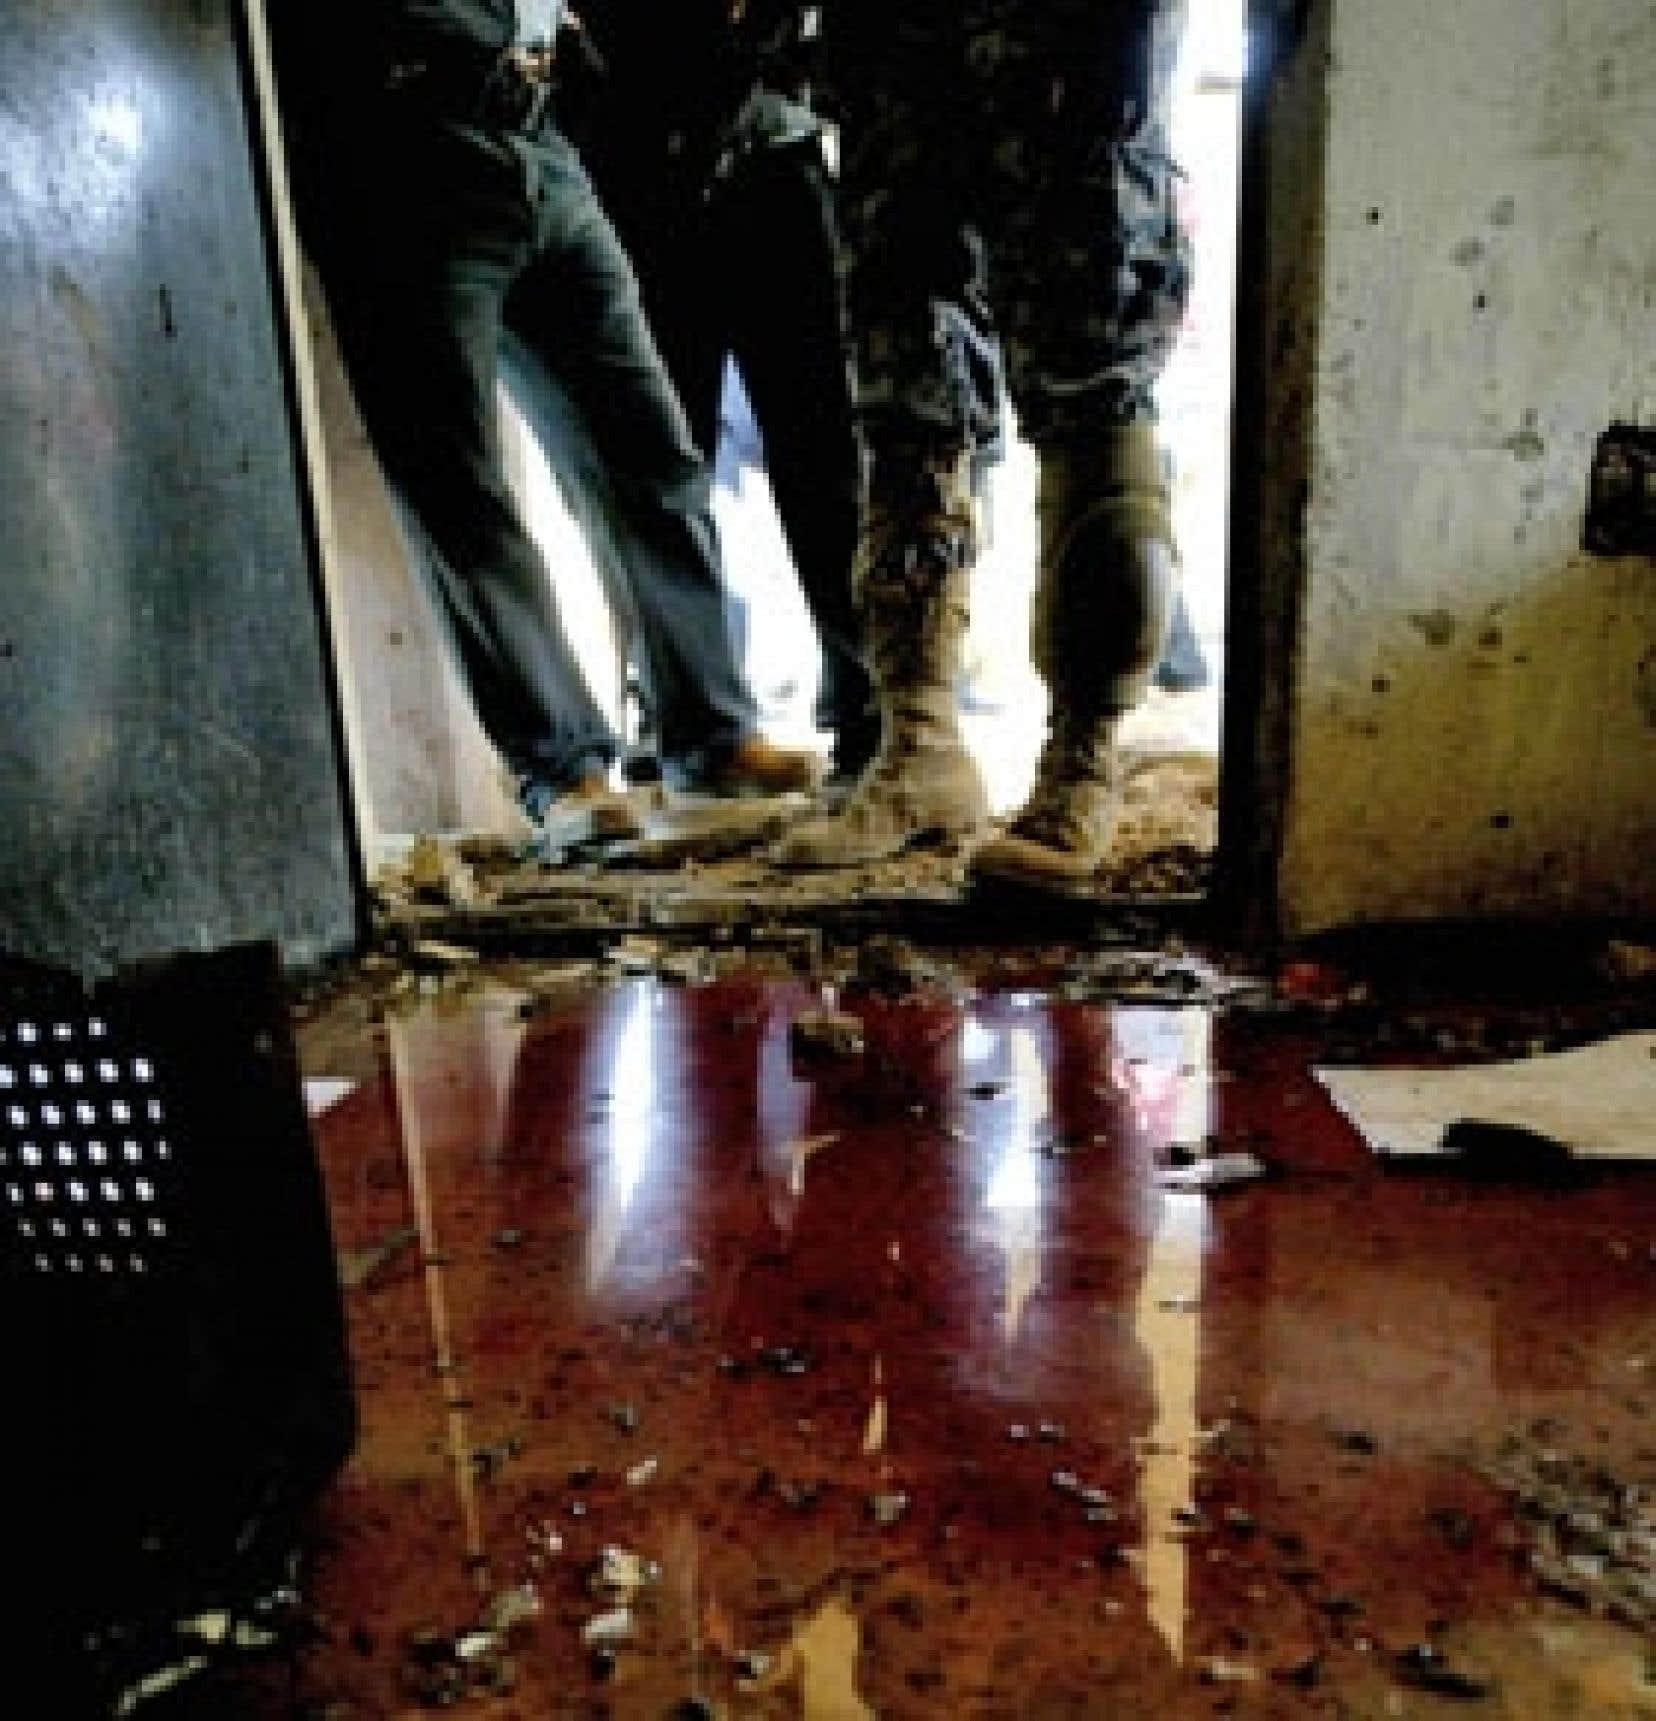 Des soldats ont été dépêchés à la Faculté d'économie et gestion. Ceux-ci n'ont pu que constater l'ampleur du carnage qui a fait 40 morts lorsqu'un kamikaze a actionné sa ceinture d'explosifs.